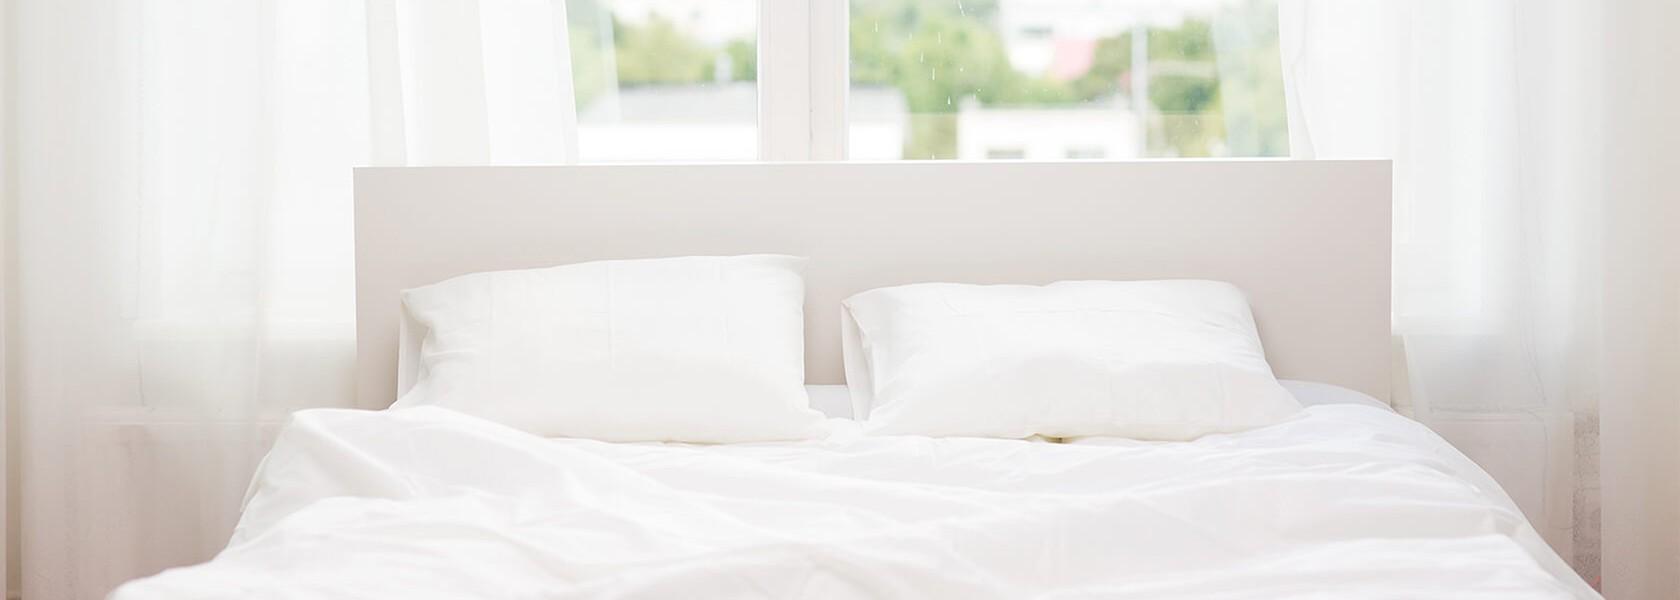 Ein Bett mit strahlend weißer Bettwäsche, das vor einem Fenster steht.